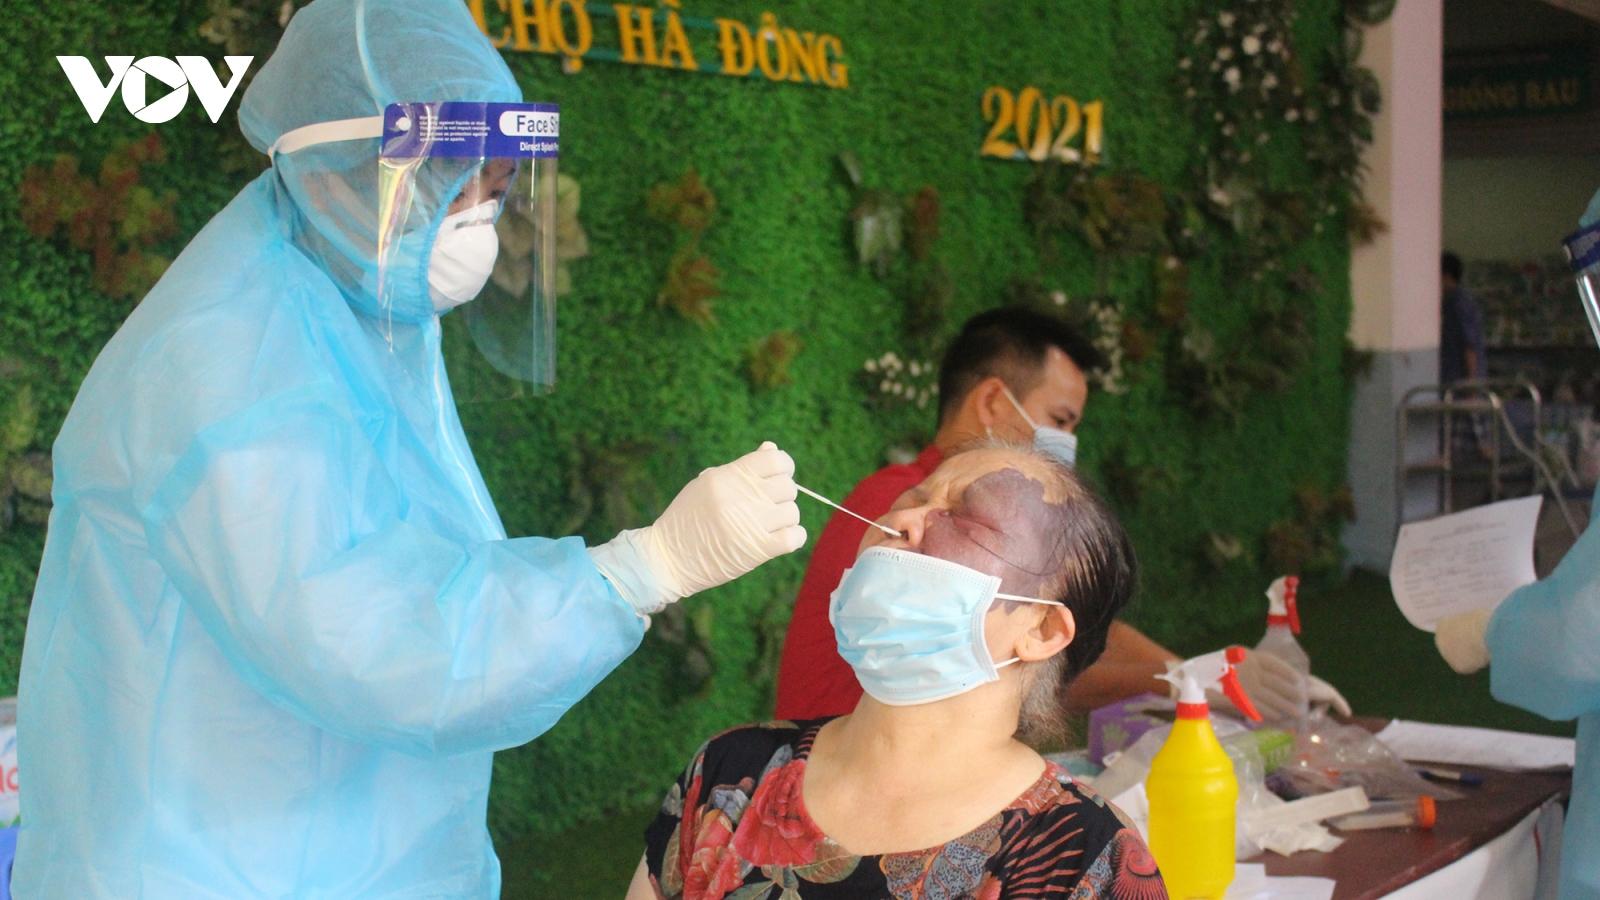 Người dân có nguy cơ cao mắc Covid-19 ở Hà Nội vui mừng vì được test PCR miễn phí